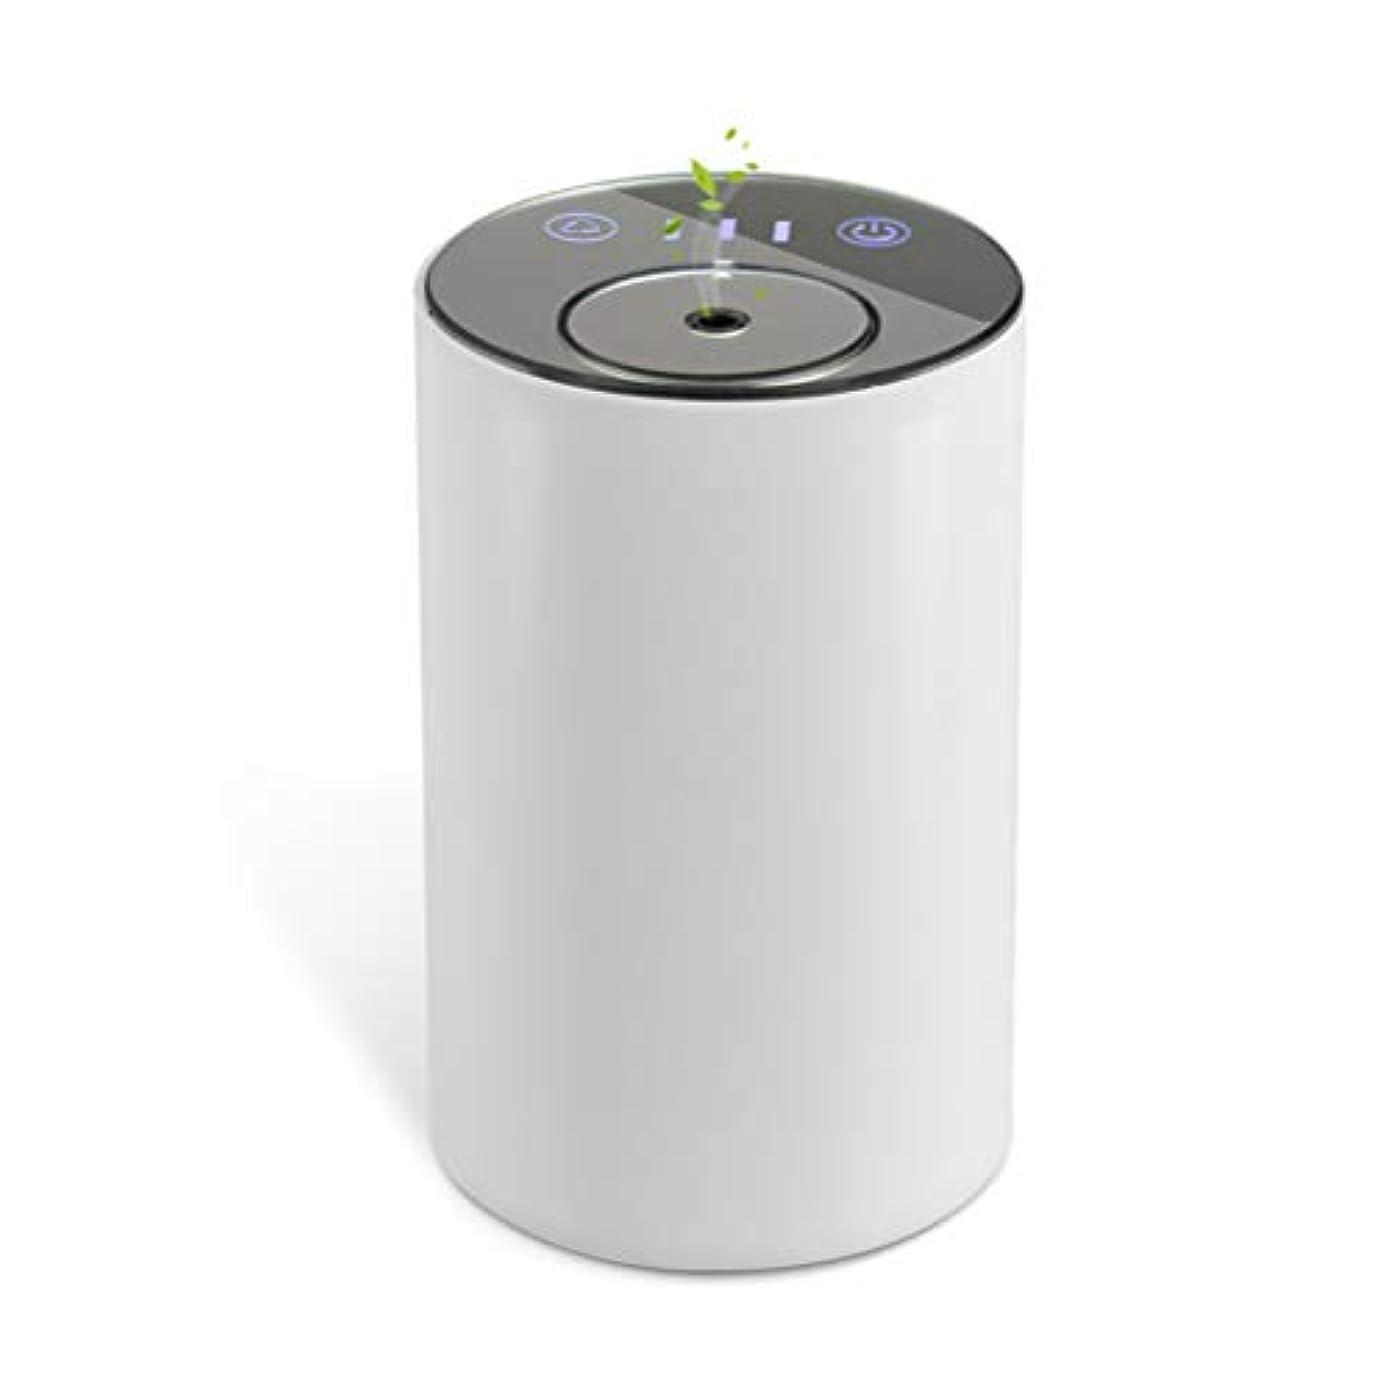 マティス四分円適切にアロマディフューザー ネブライザー式 水なし 充電式 静音 噴霧 ミスト量調整可 タイマー機能 車用 エッセンシャルオイルの節約